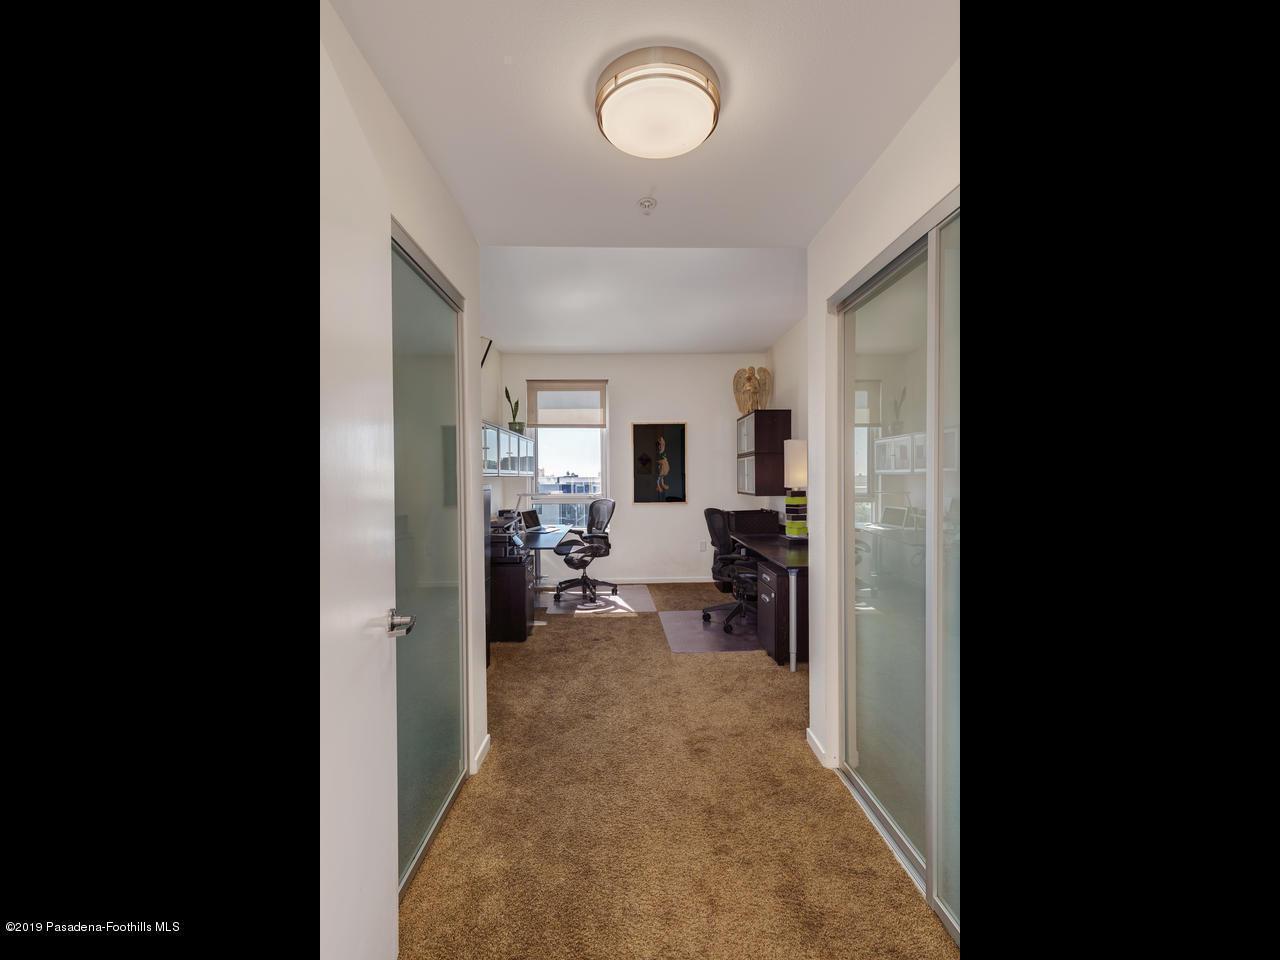 111 DE LACEY, Pasadena, CA 91105 - Office/Second Bedroom